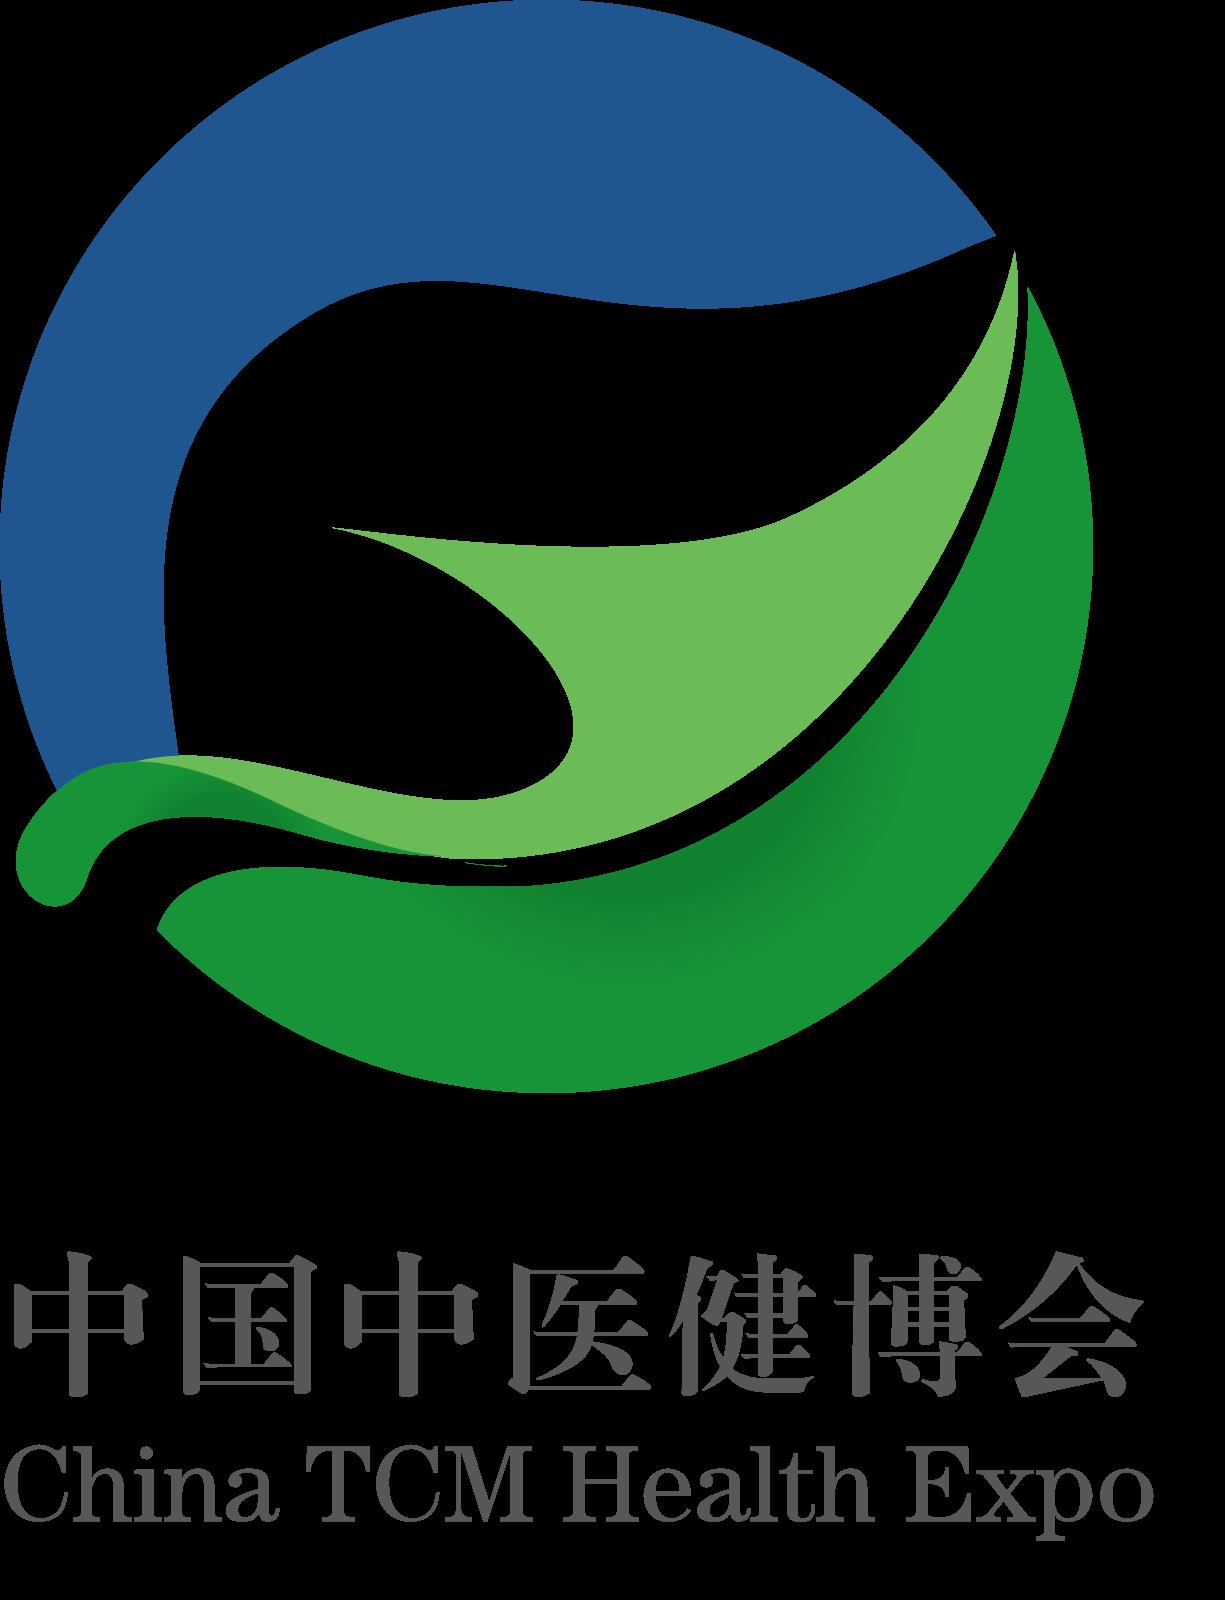 2020華北國際中醫健康養生產業博覽會